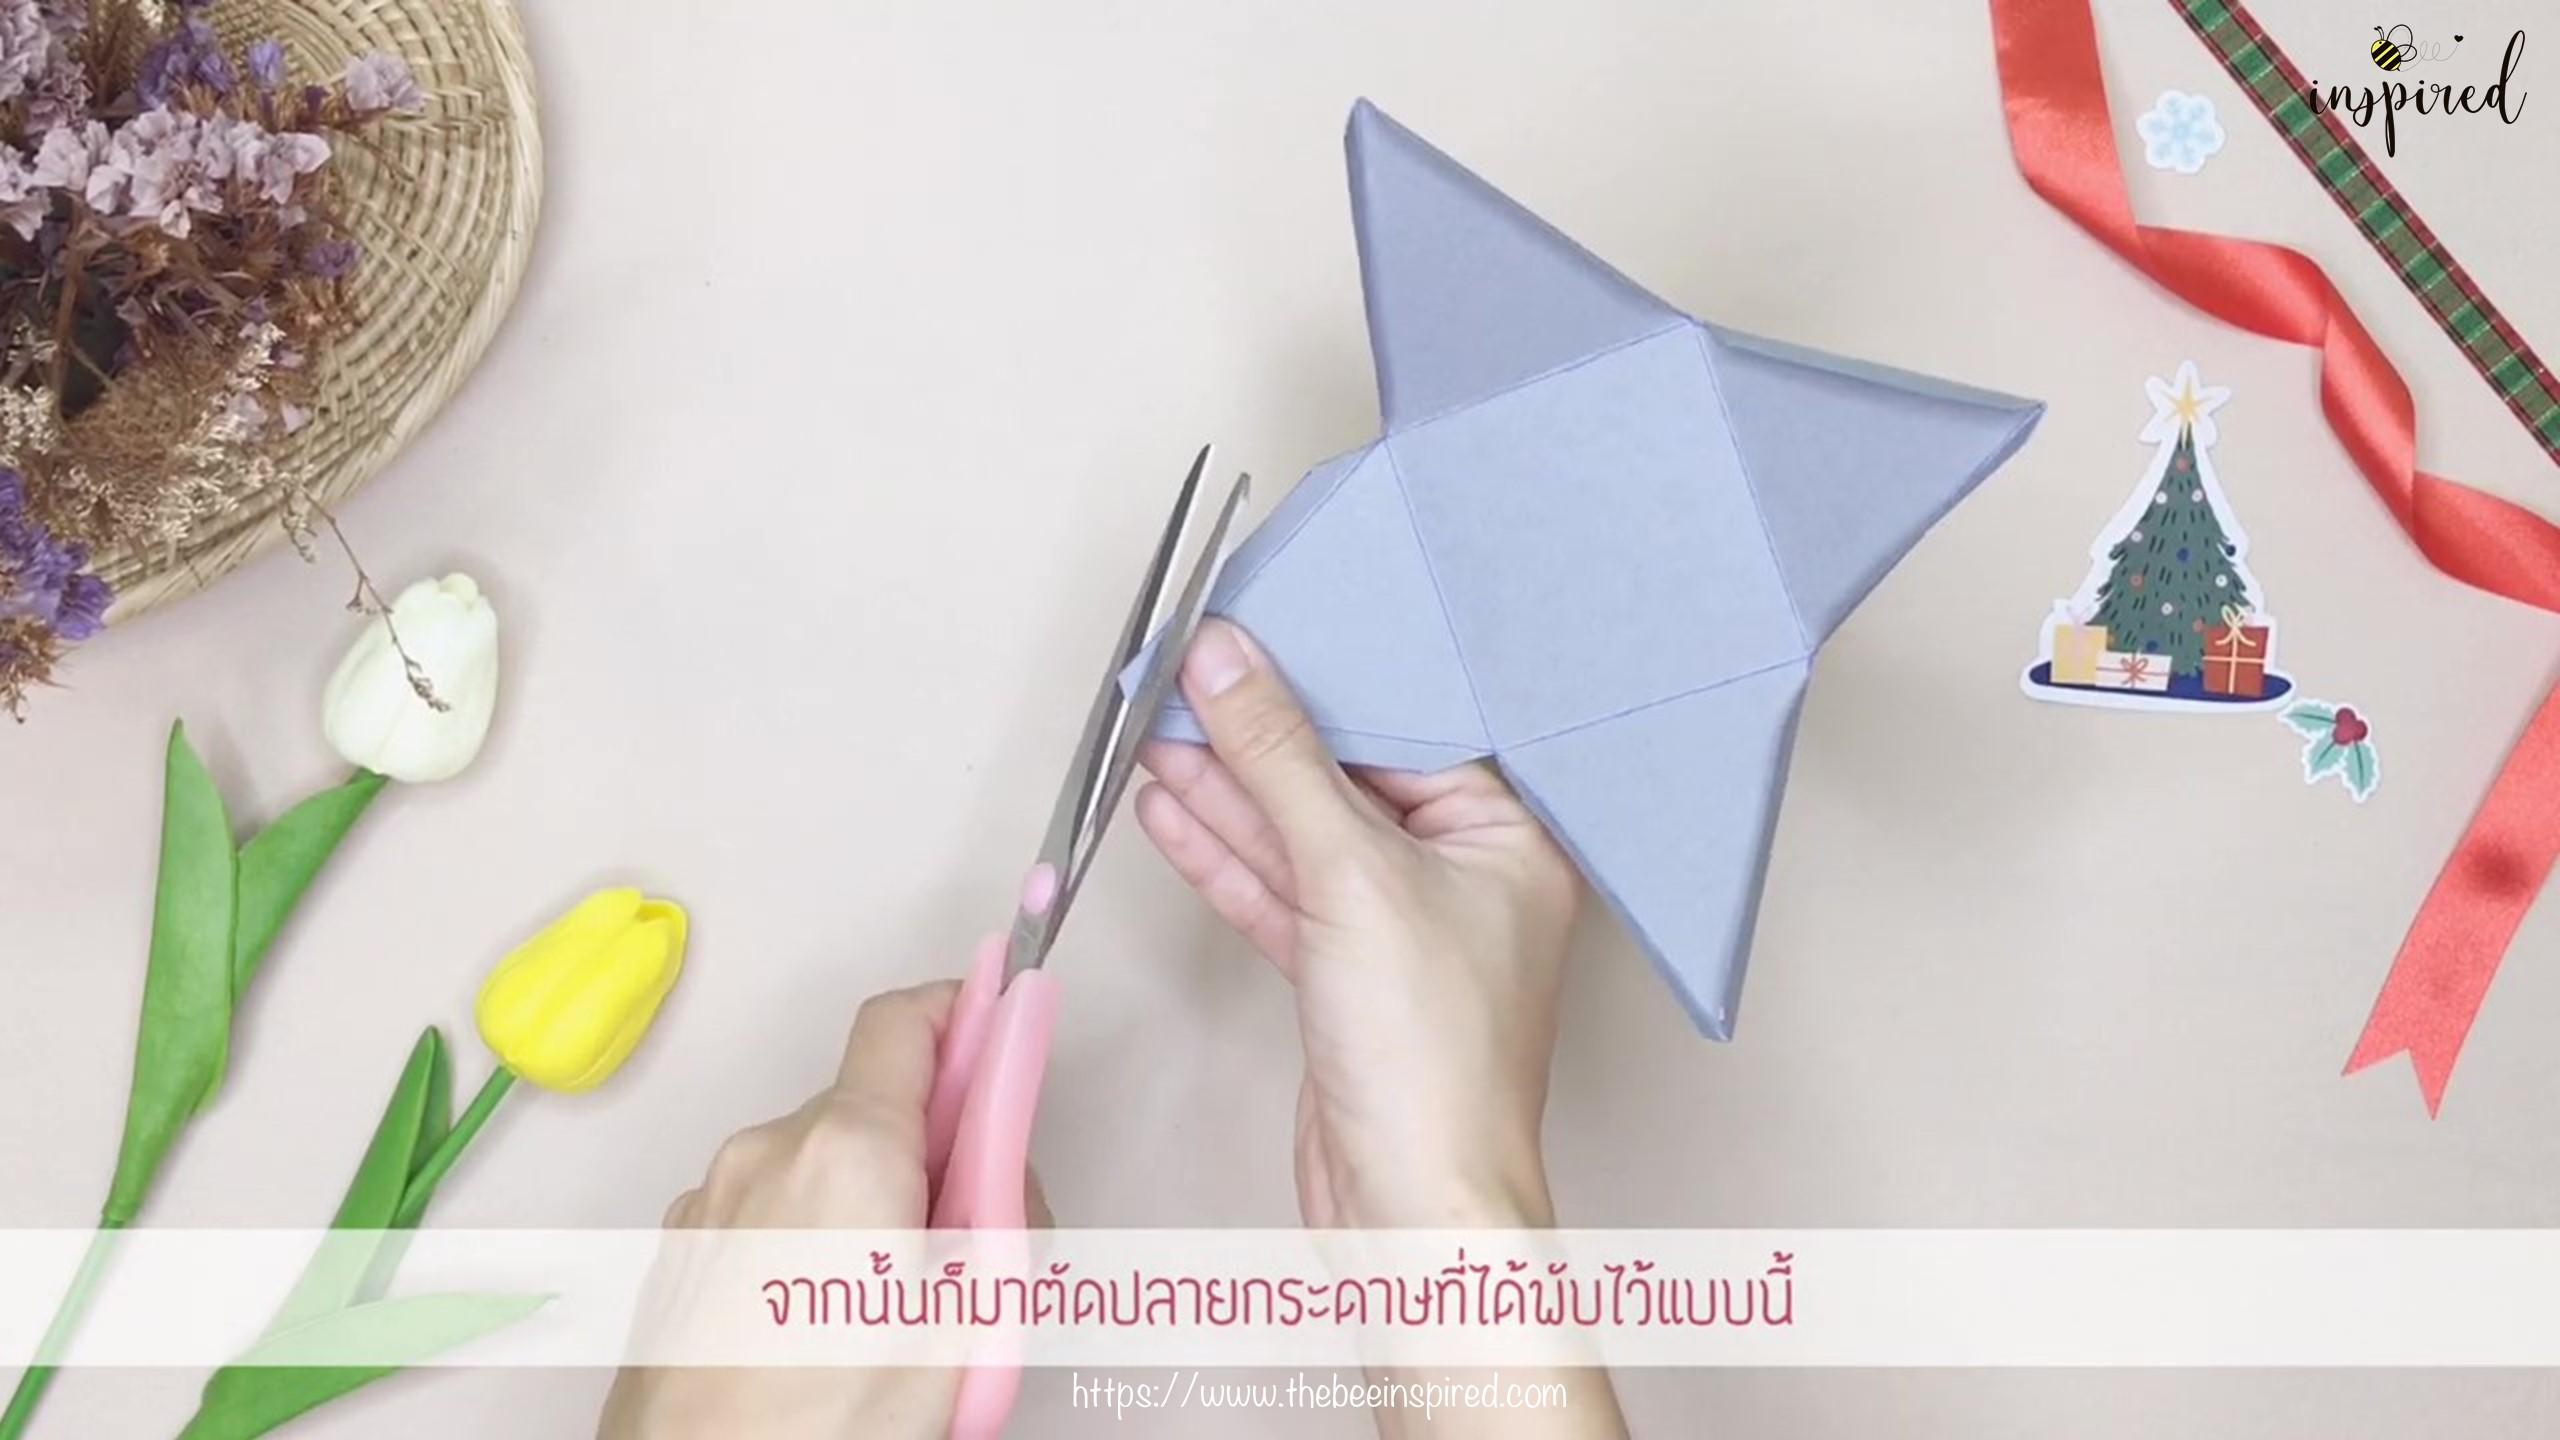 วิธีทำกล่องของขวัญวันวาเลนไทน์น่ารักๆ ทรงพีระมิดจากกระดาษแผ่นเดียว+ไม่ใช้กาว_ DIY pyramid gift box_8